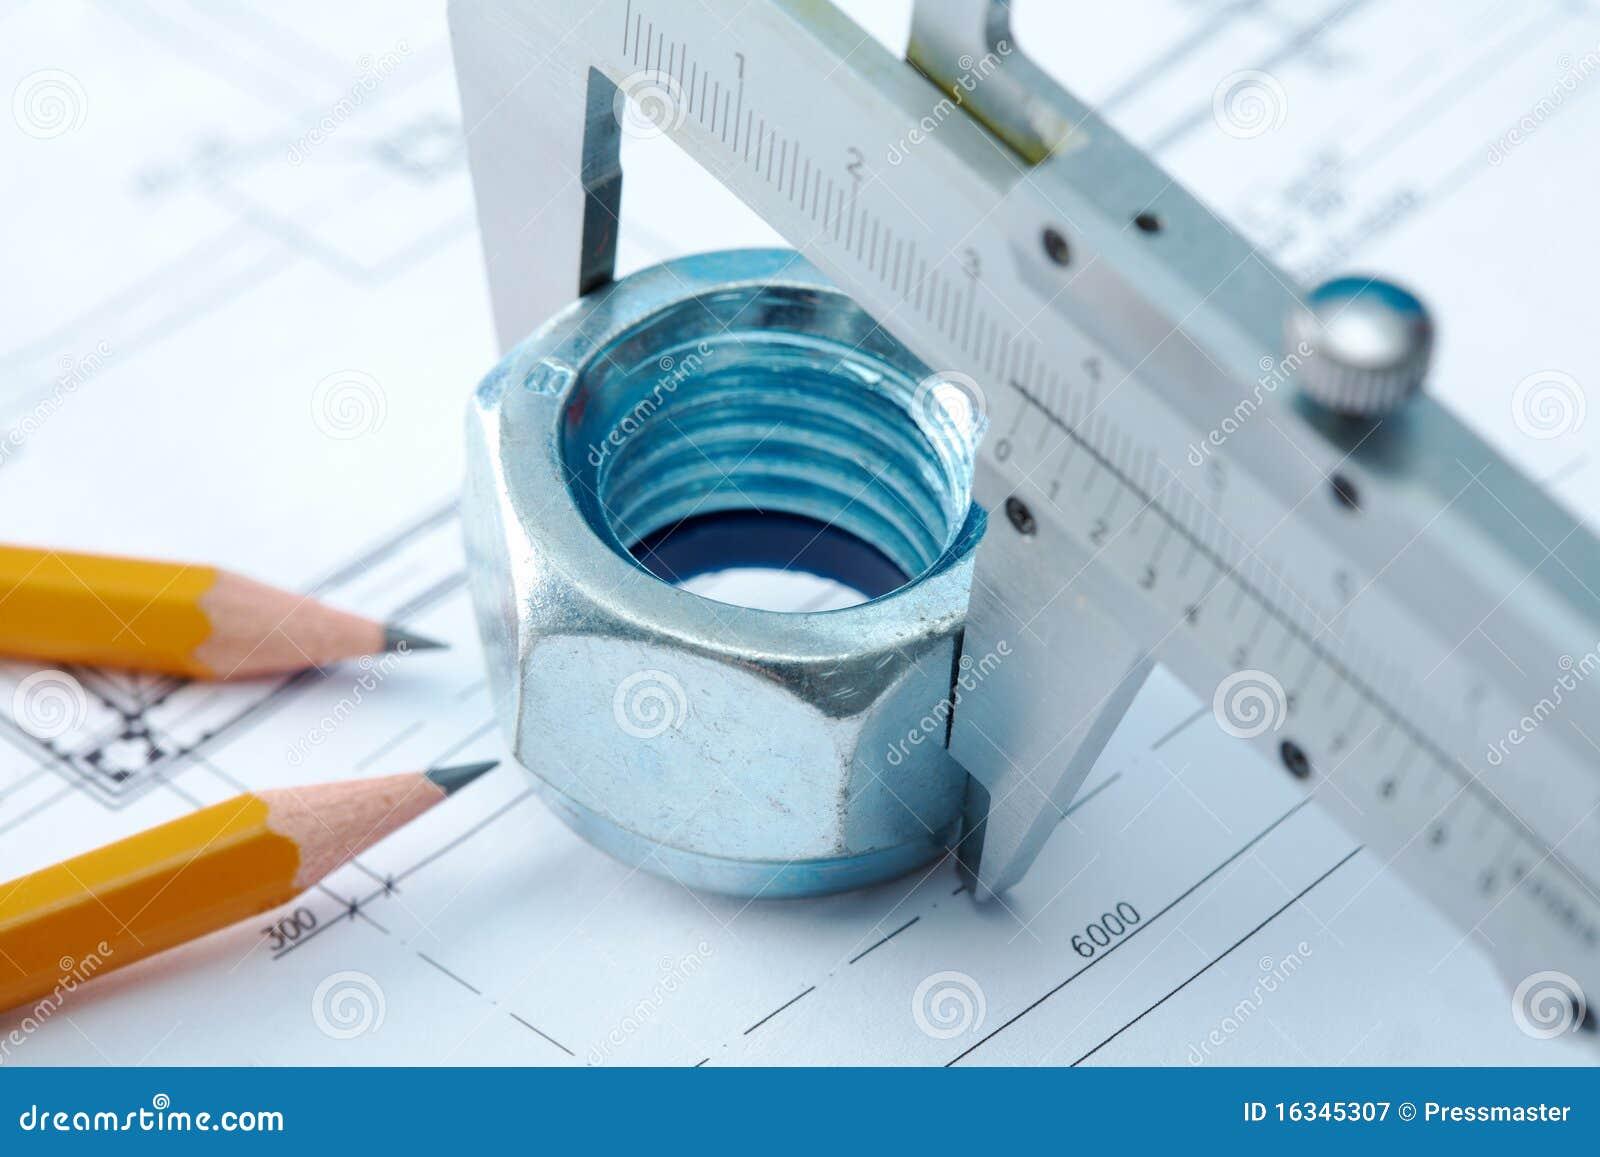 Outil d 39 architecte photographie stock libre de droits for Outils architecte